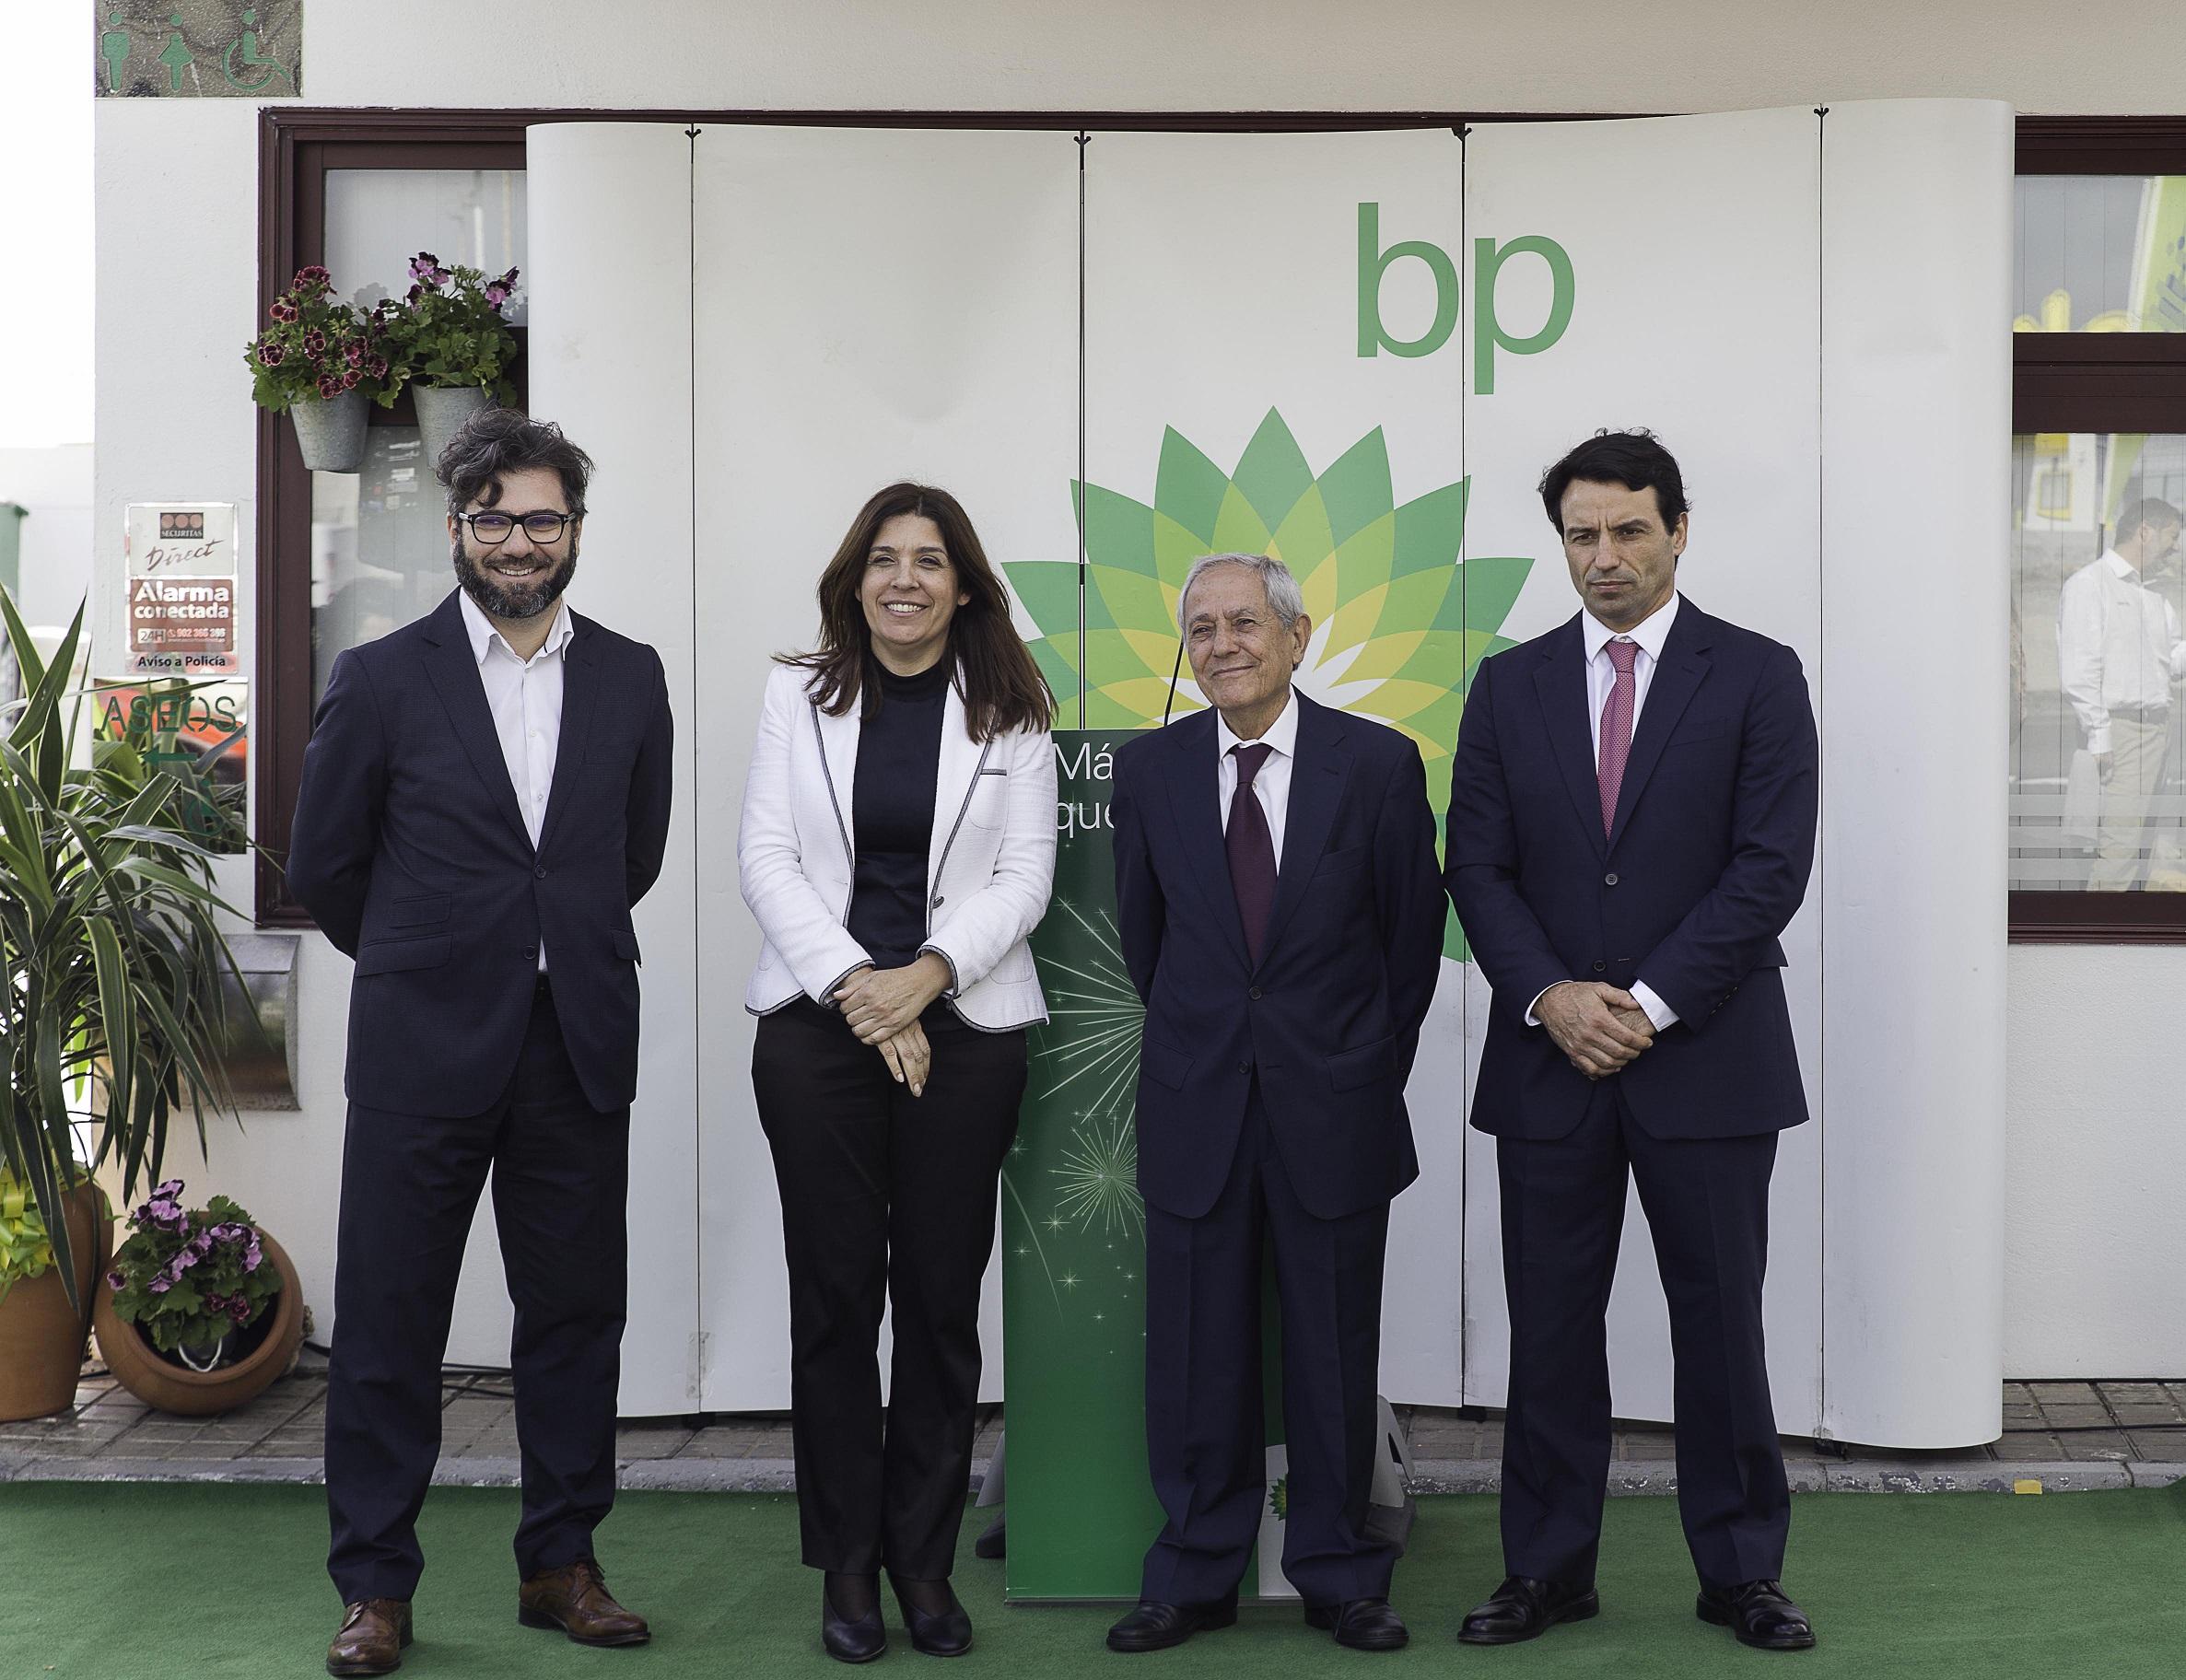 La estación de servicio La Garita de BP celebra su 30 aniversario